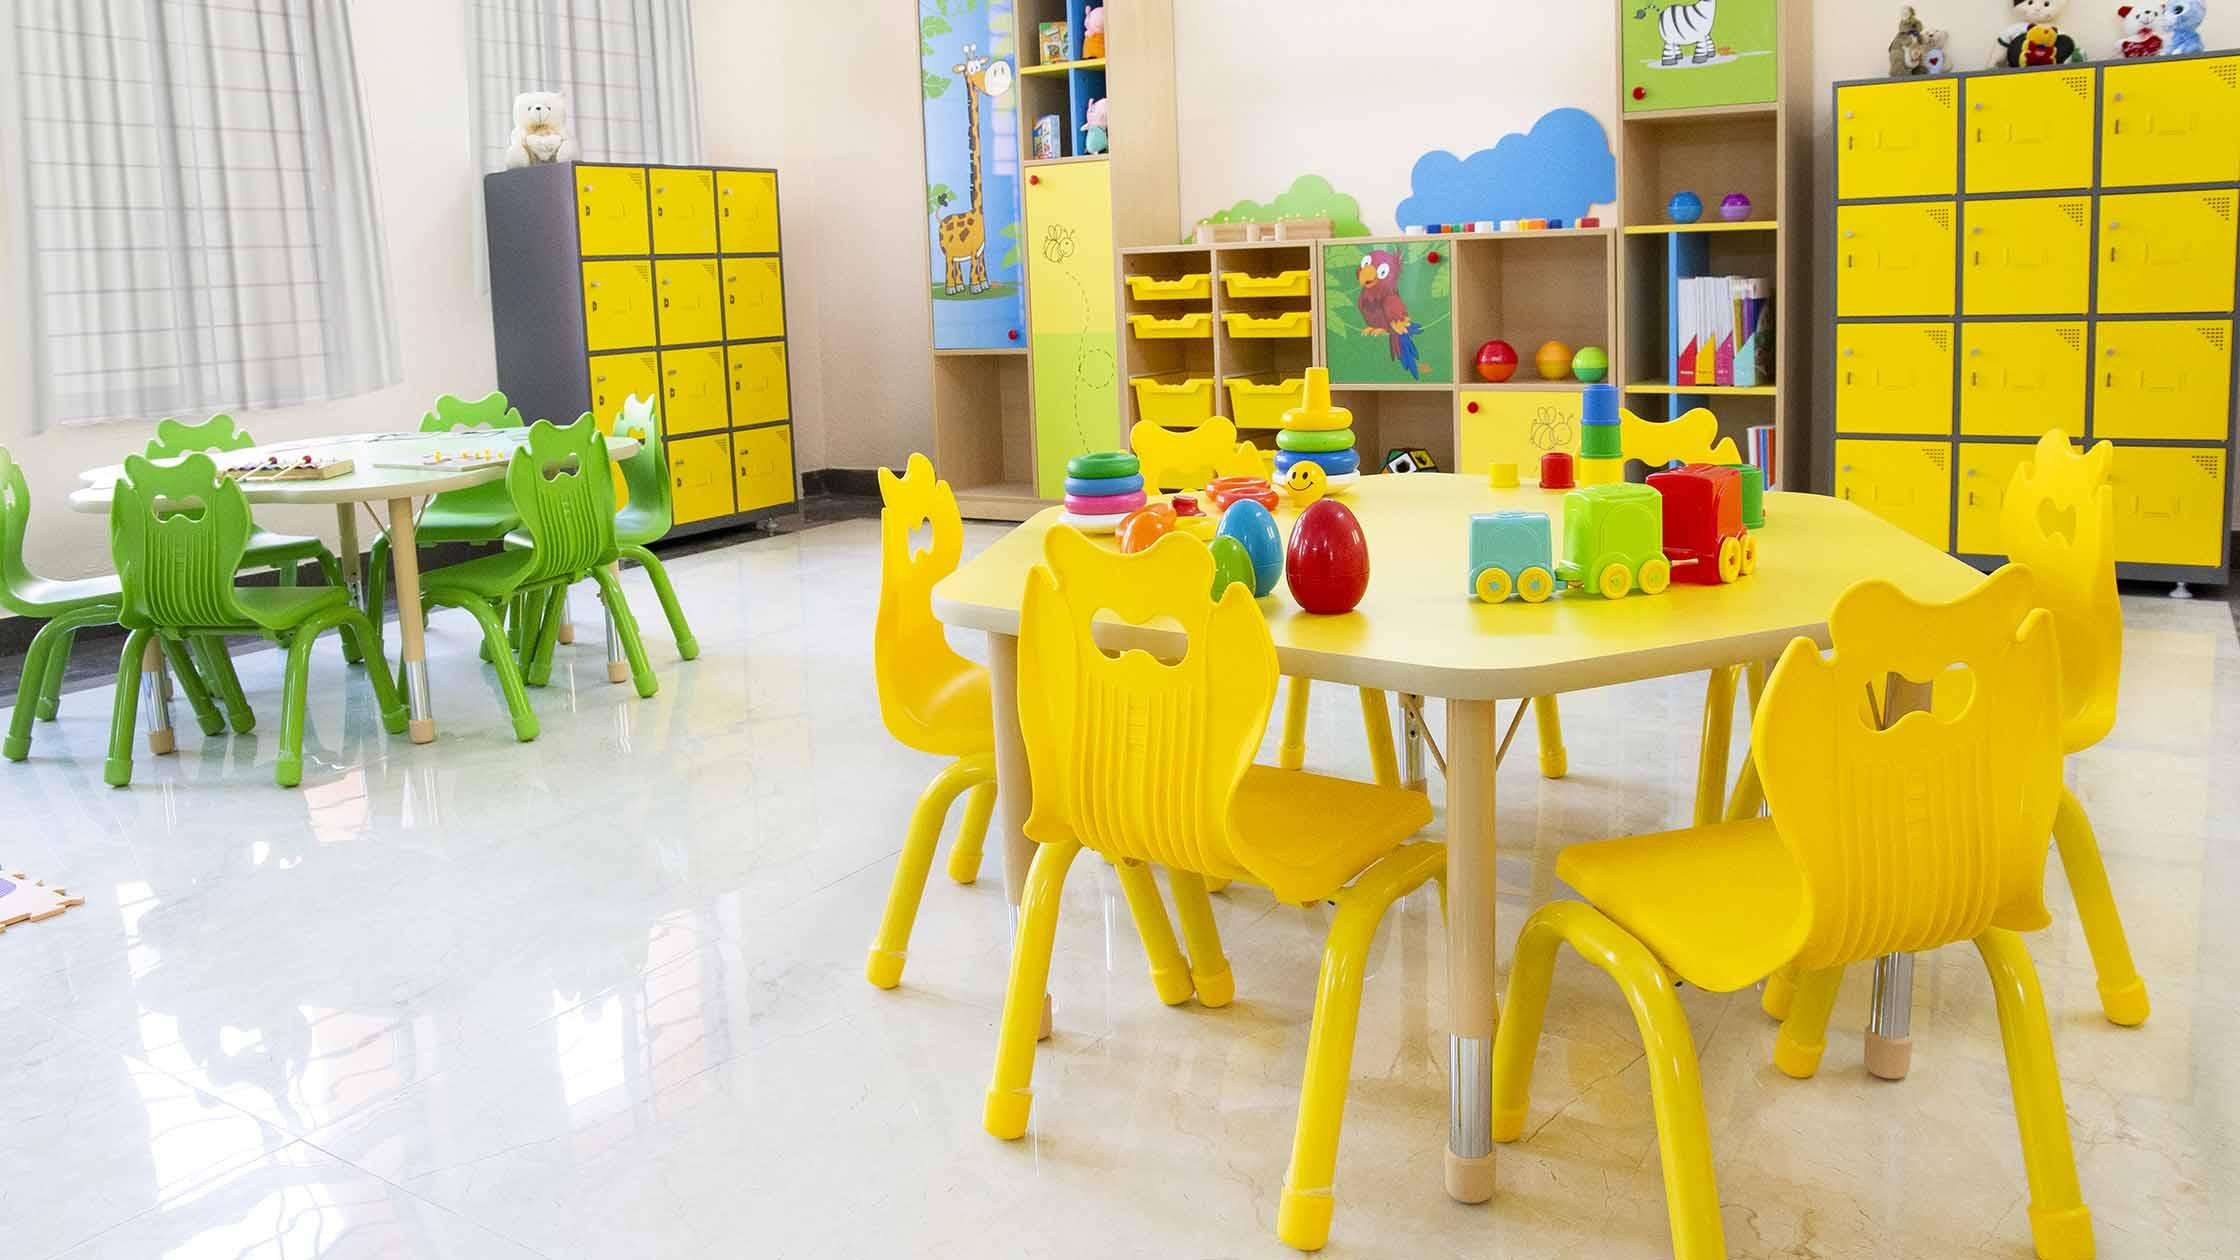 Walkertown Academy - Cbse School in secunderabad - Class interior